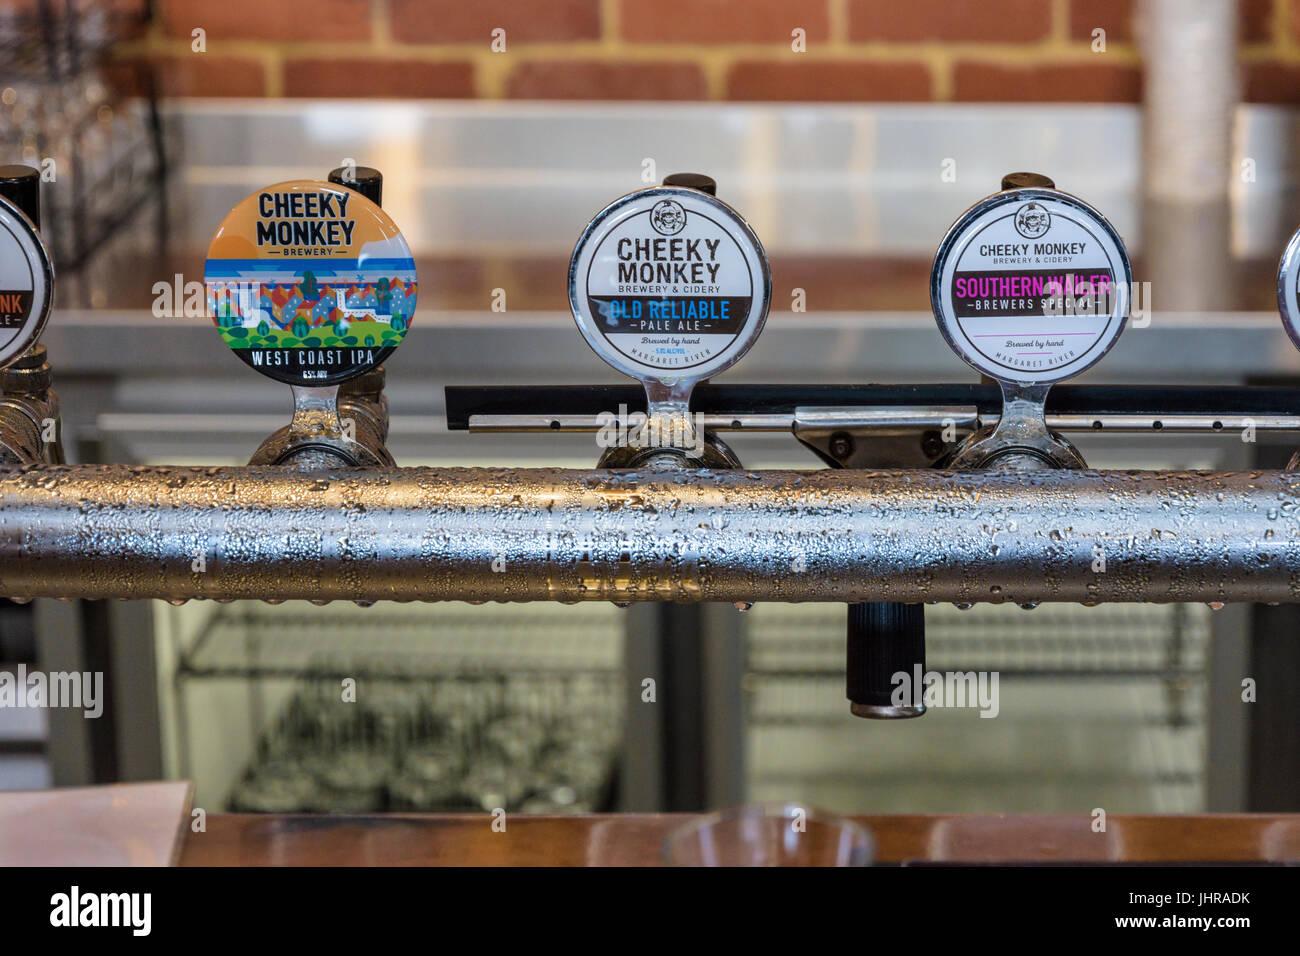 Detalle de los grifos de cerveza en la cervecería, Cheeky Monkey Wilyabrup, Australia Occidental Imagen De Stock